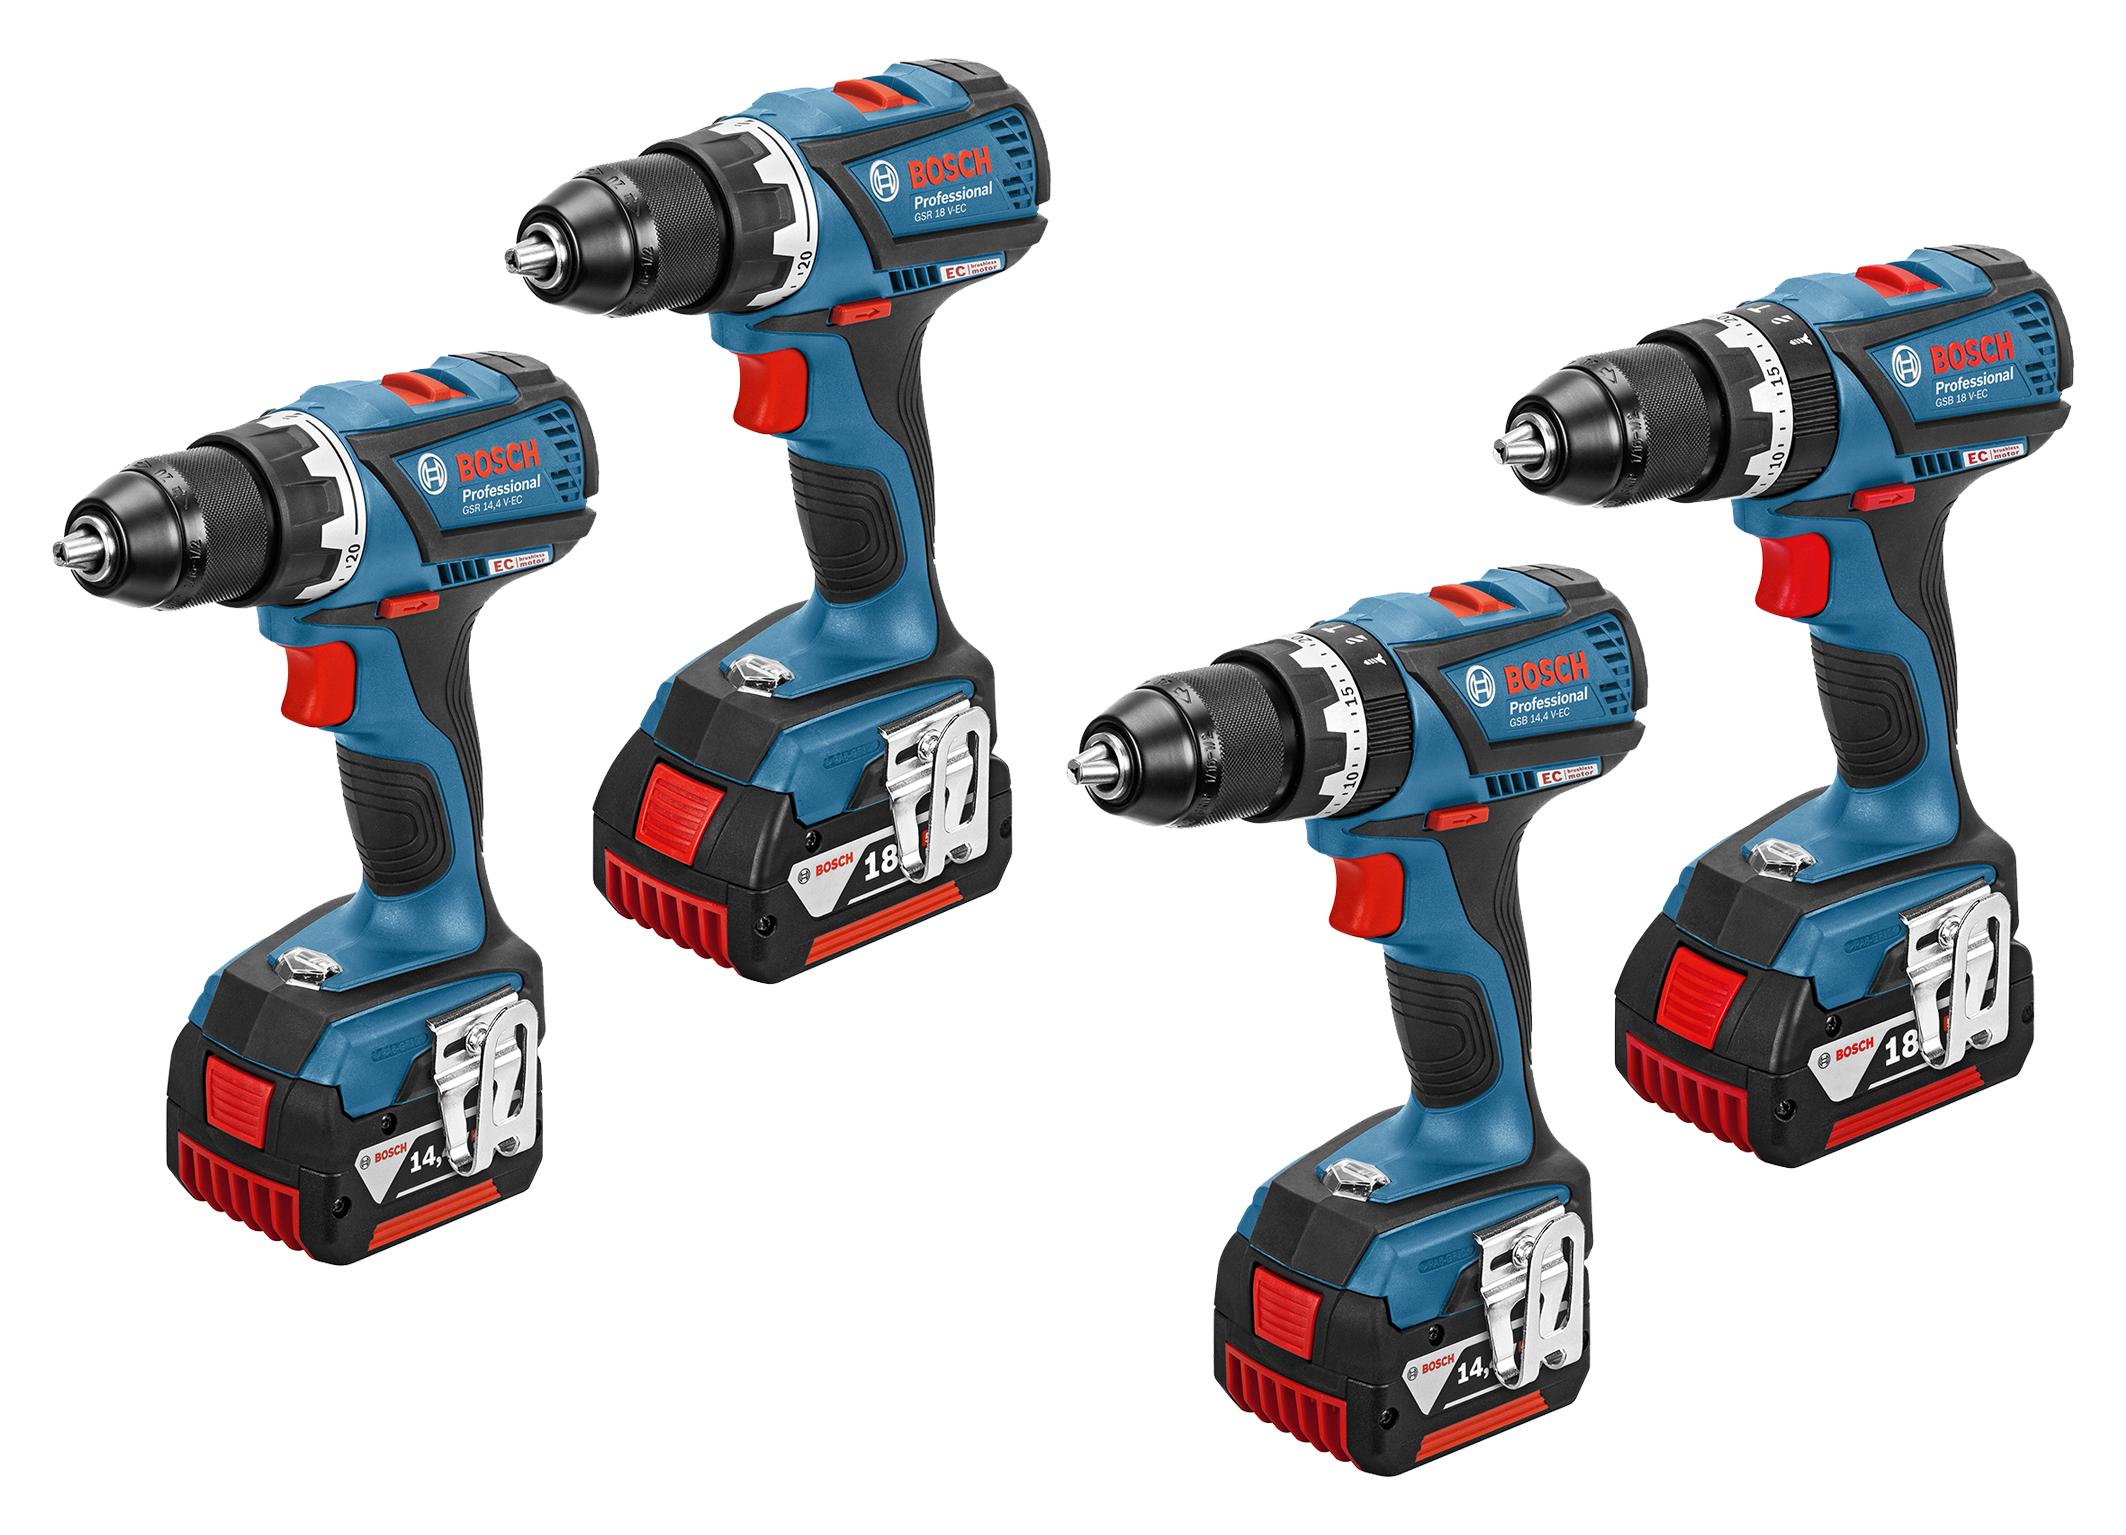 La nuova generazione di avvitatori a batteria Bosch Professional